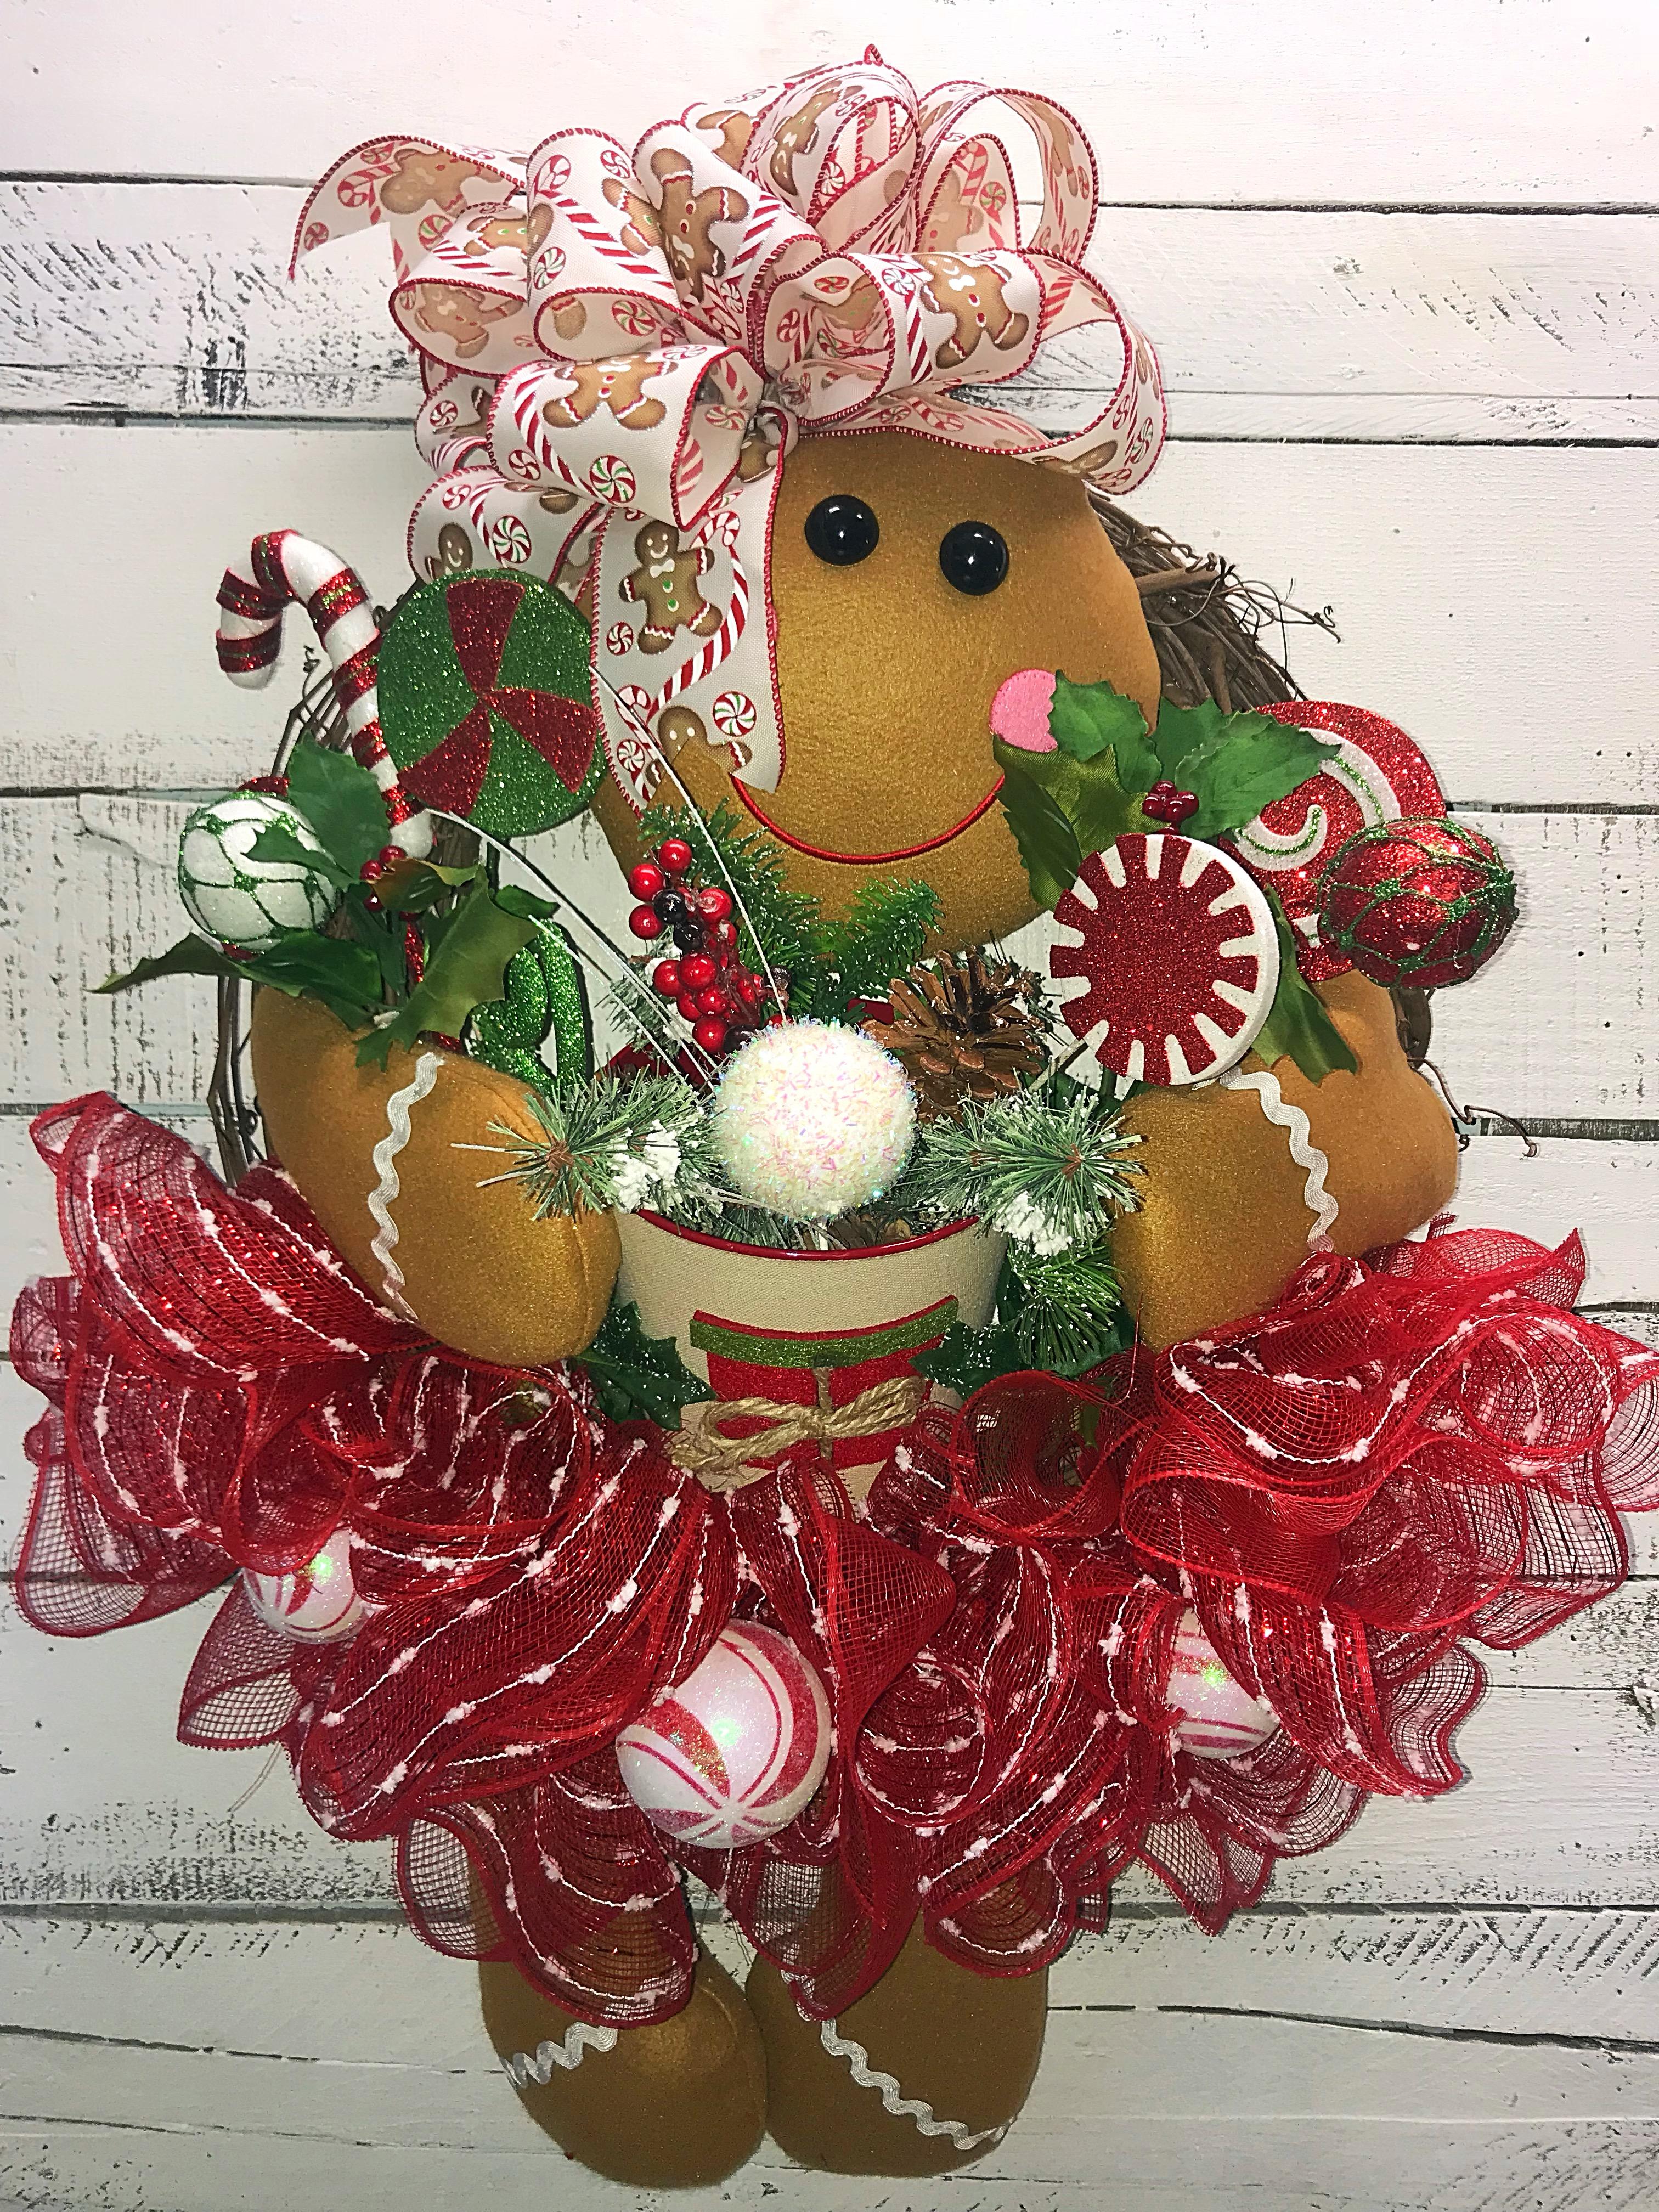 Christmas Wreaths.Christmas Wreath Holiday Door Wreath Gingerbread Wreath Gingerbread Girl Wreath Gingerbread Wreath For Front Door Christmas Decor Home Decor